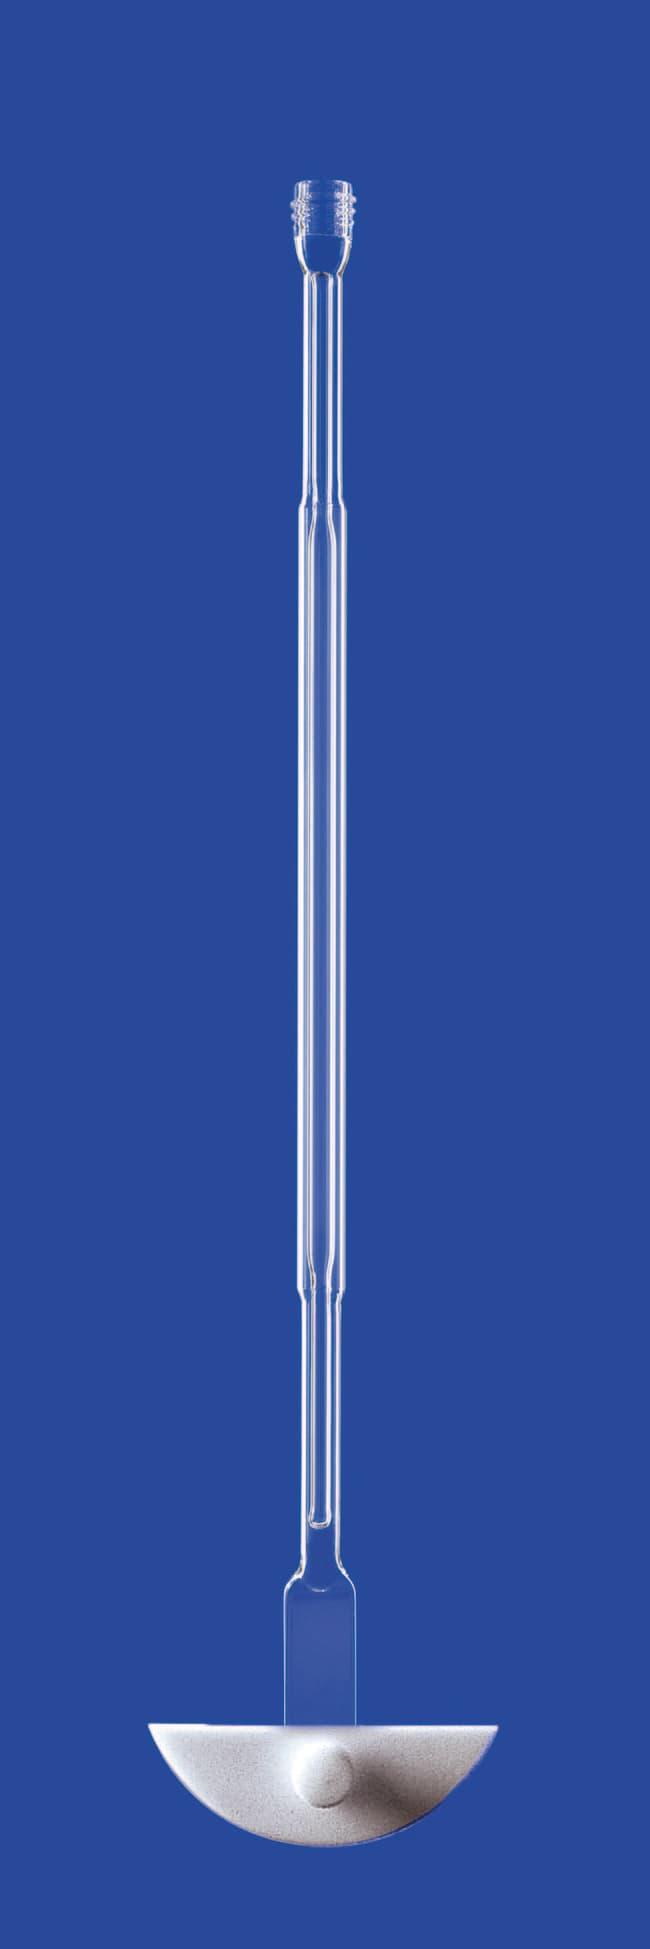 Lenz Laborglasinstrumente™Rührer aus DURAN™ Glas For 10000mL Flask Lenz Laborglasinstrumente™Rührer aus DURAN™ Glas